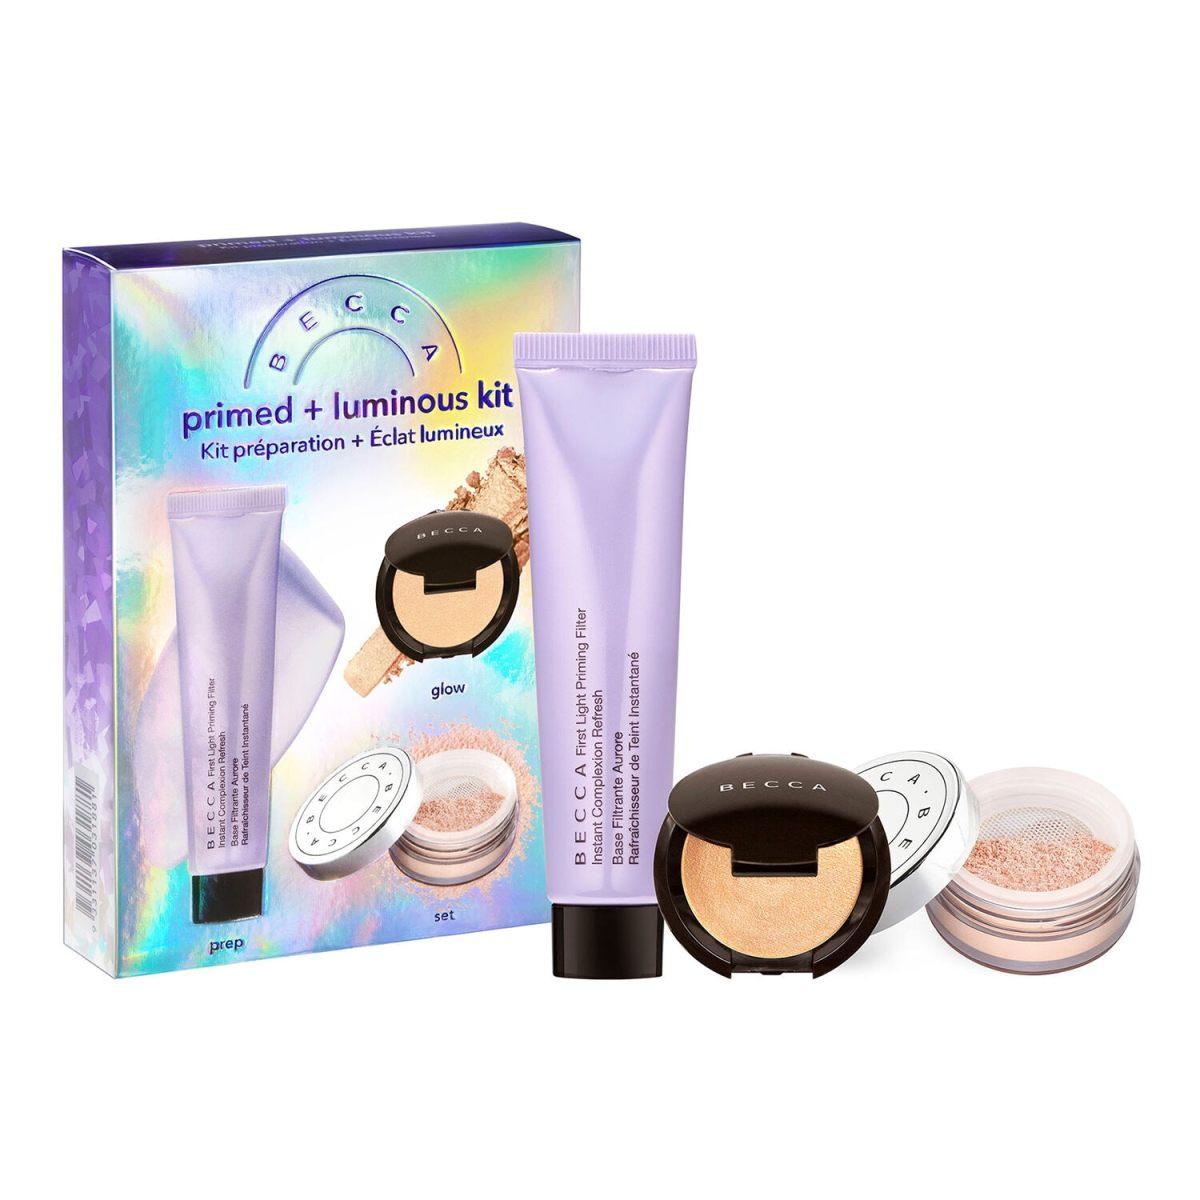 Primed + Luminous Kit - Estuche de maquillaje of BECCA COSMETICS ≡ SEPHORA